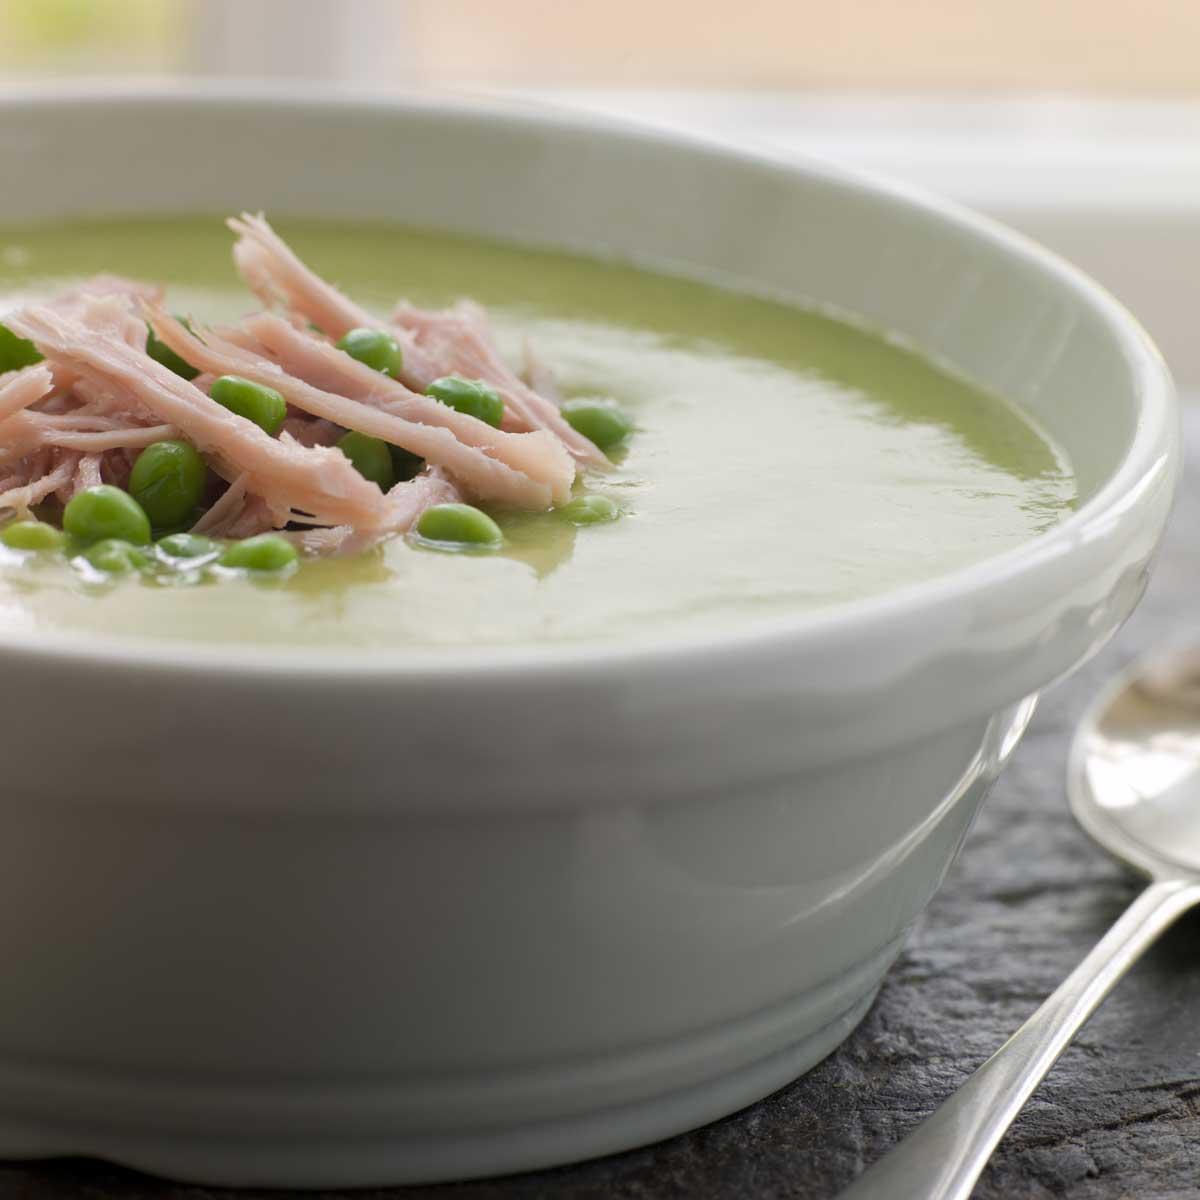 soupe de petits pois une recette soupe cuisine le. Black Bedroom Furniture Sets. Home Design Ideas